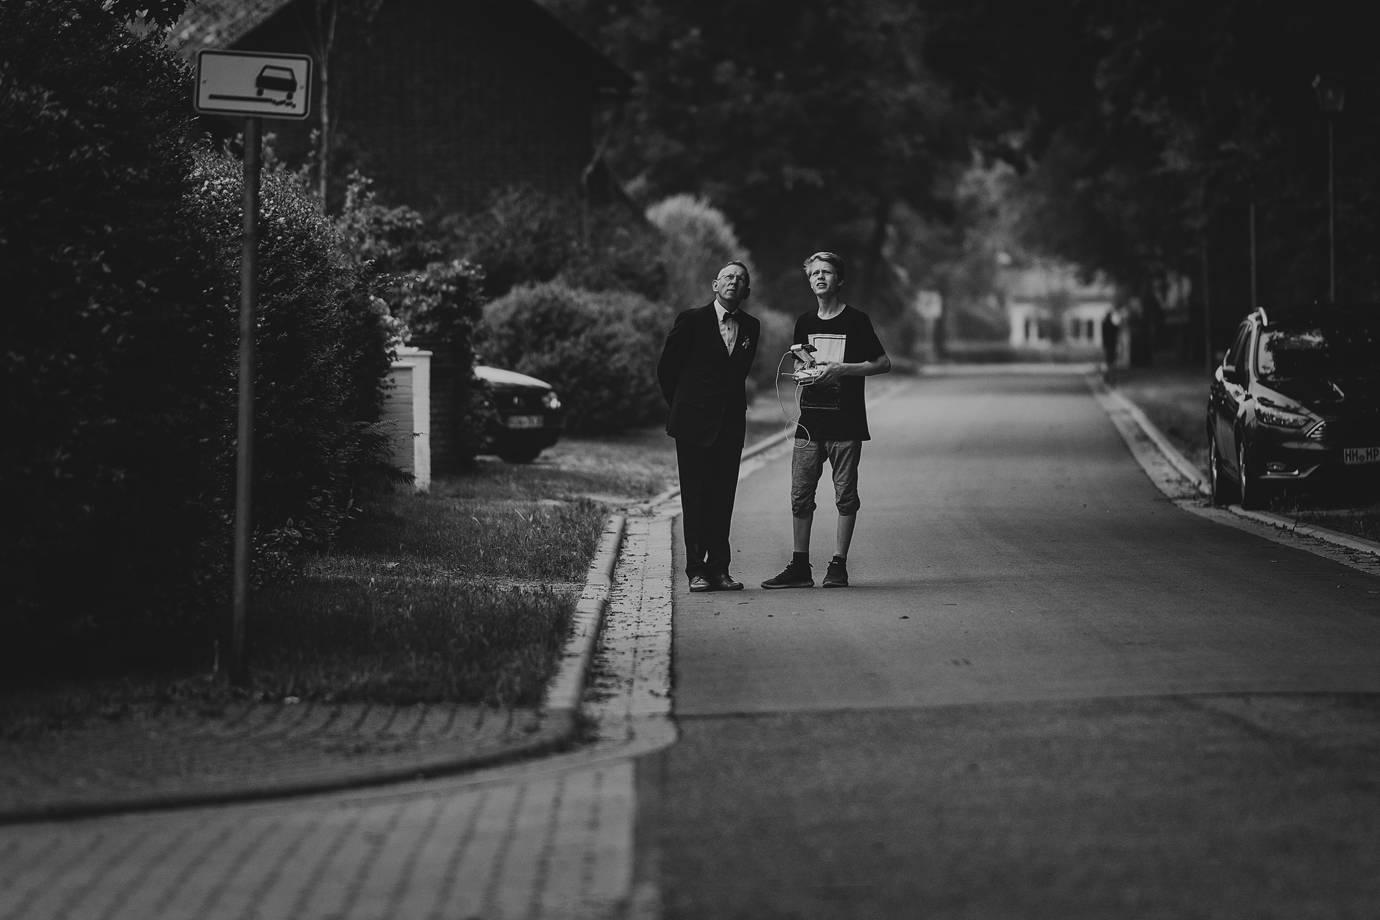 hochzeitsfotograf rotenburg 069 - Rebecca+Malte